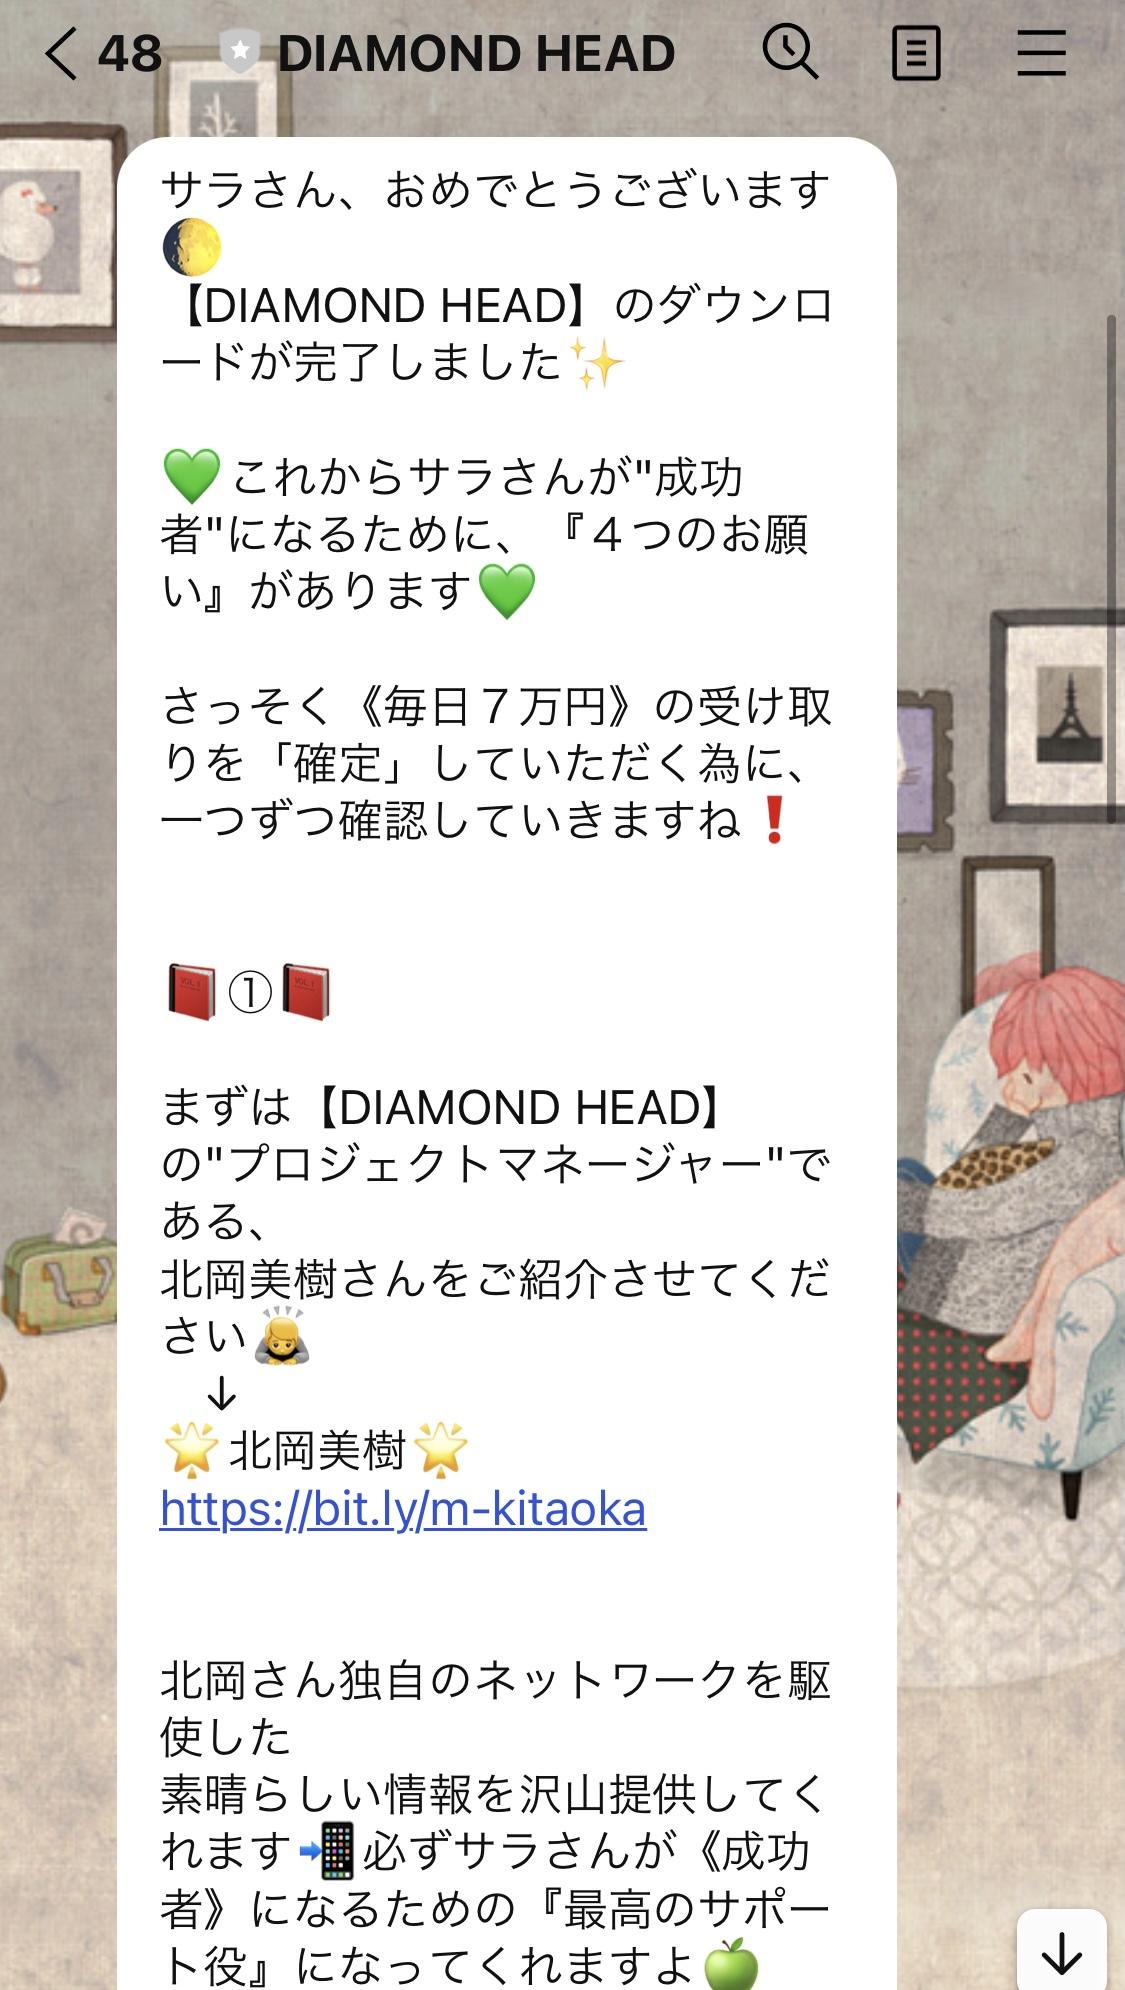 ダイヤモンドヘッドLINE画面